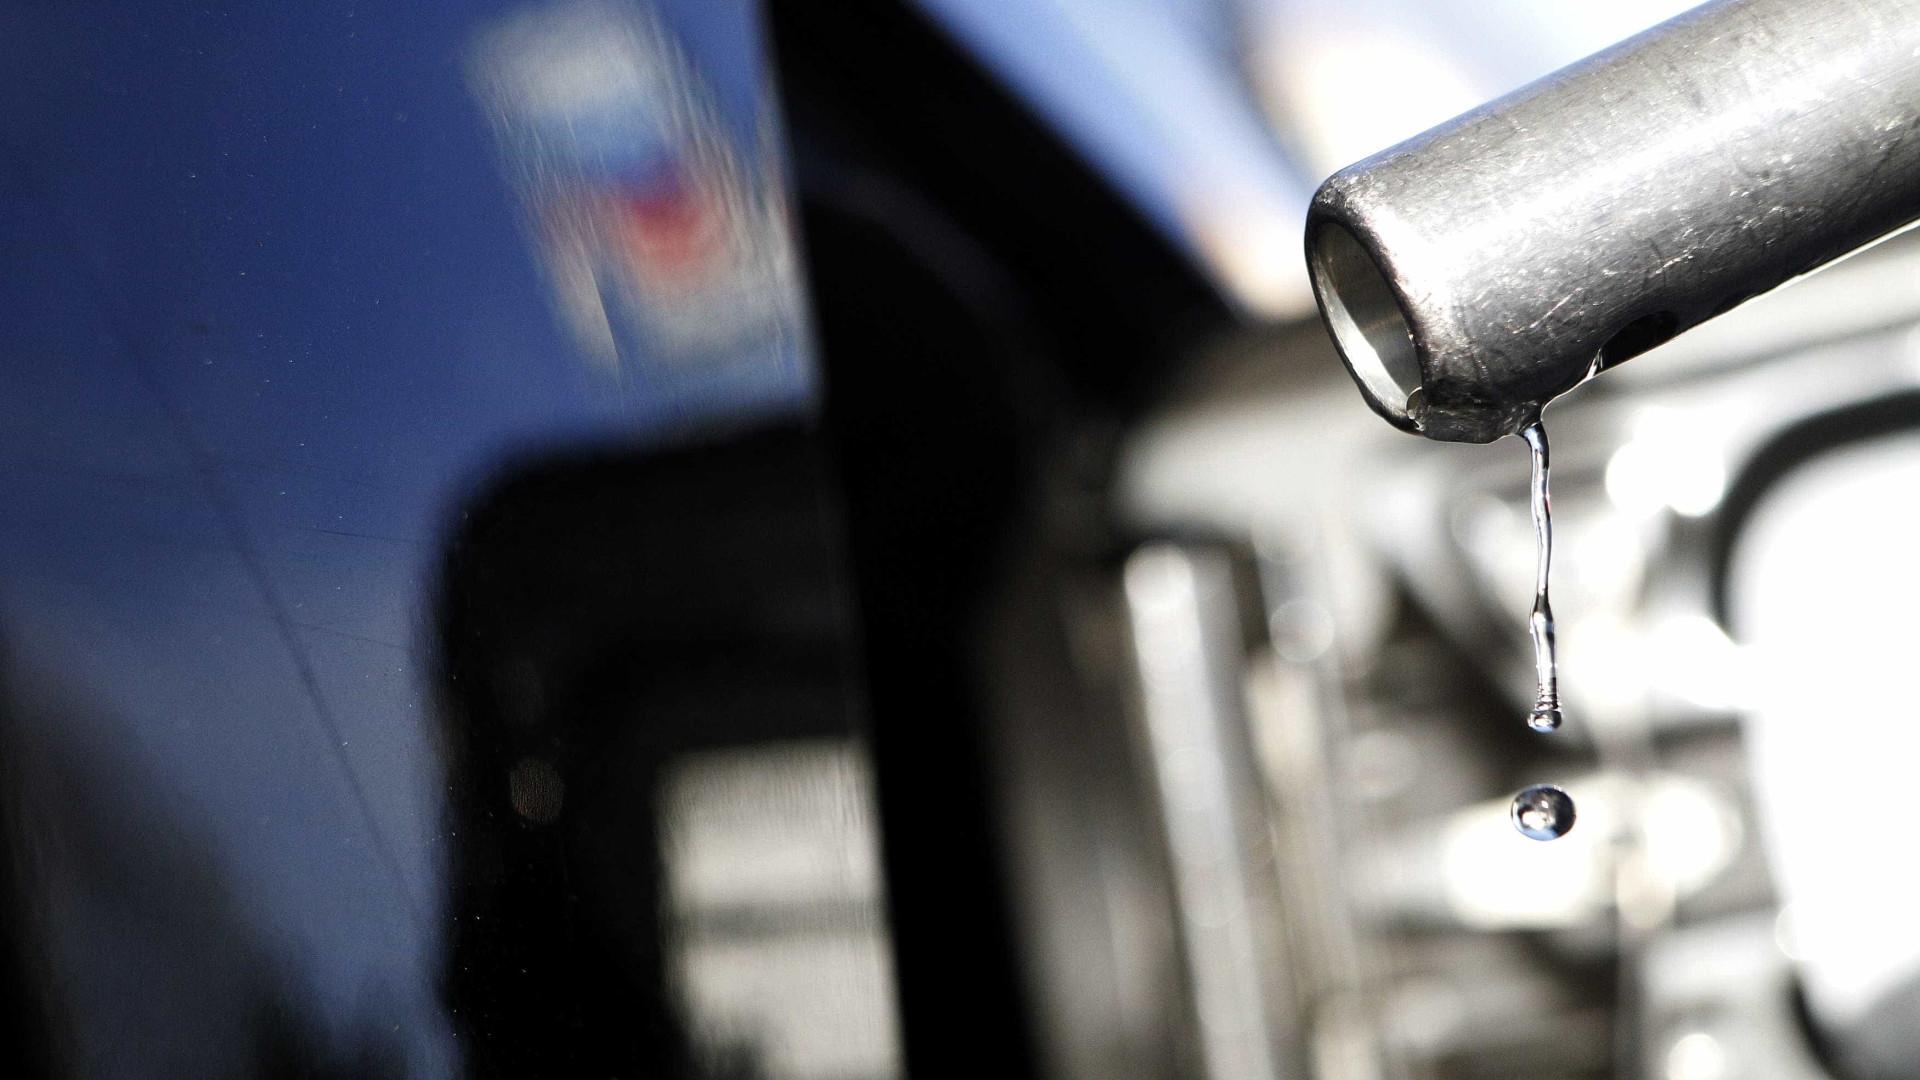 Tem carro a gasolina? Hoje vai ter boas notícias